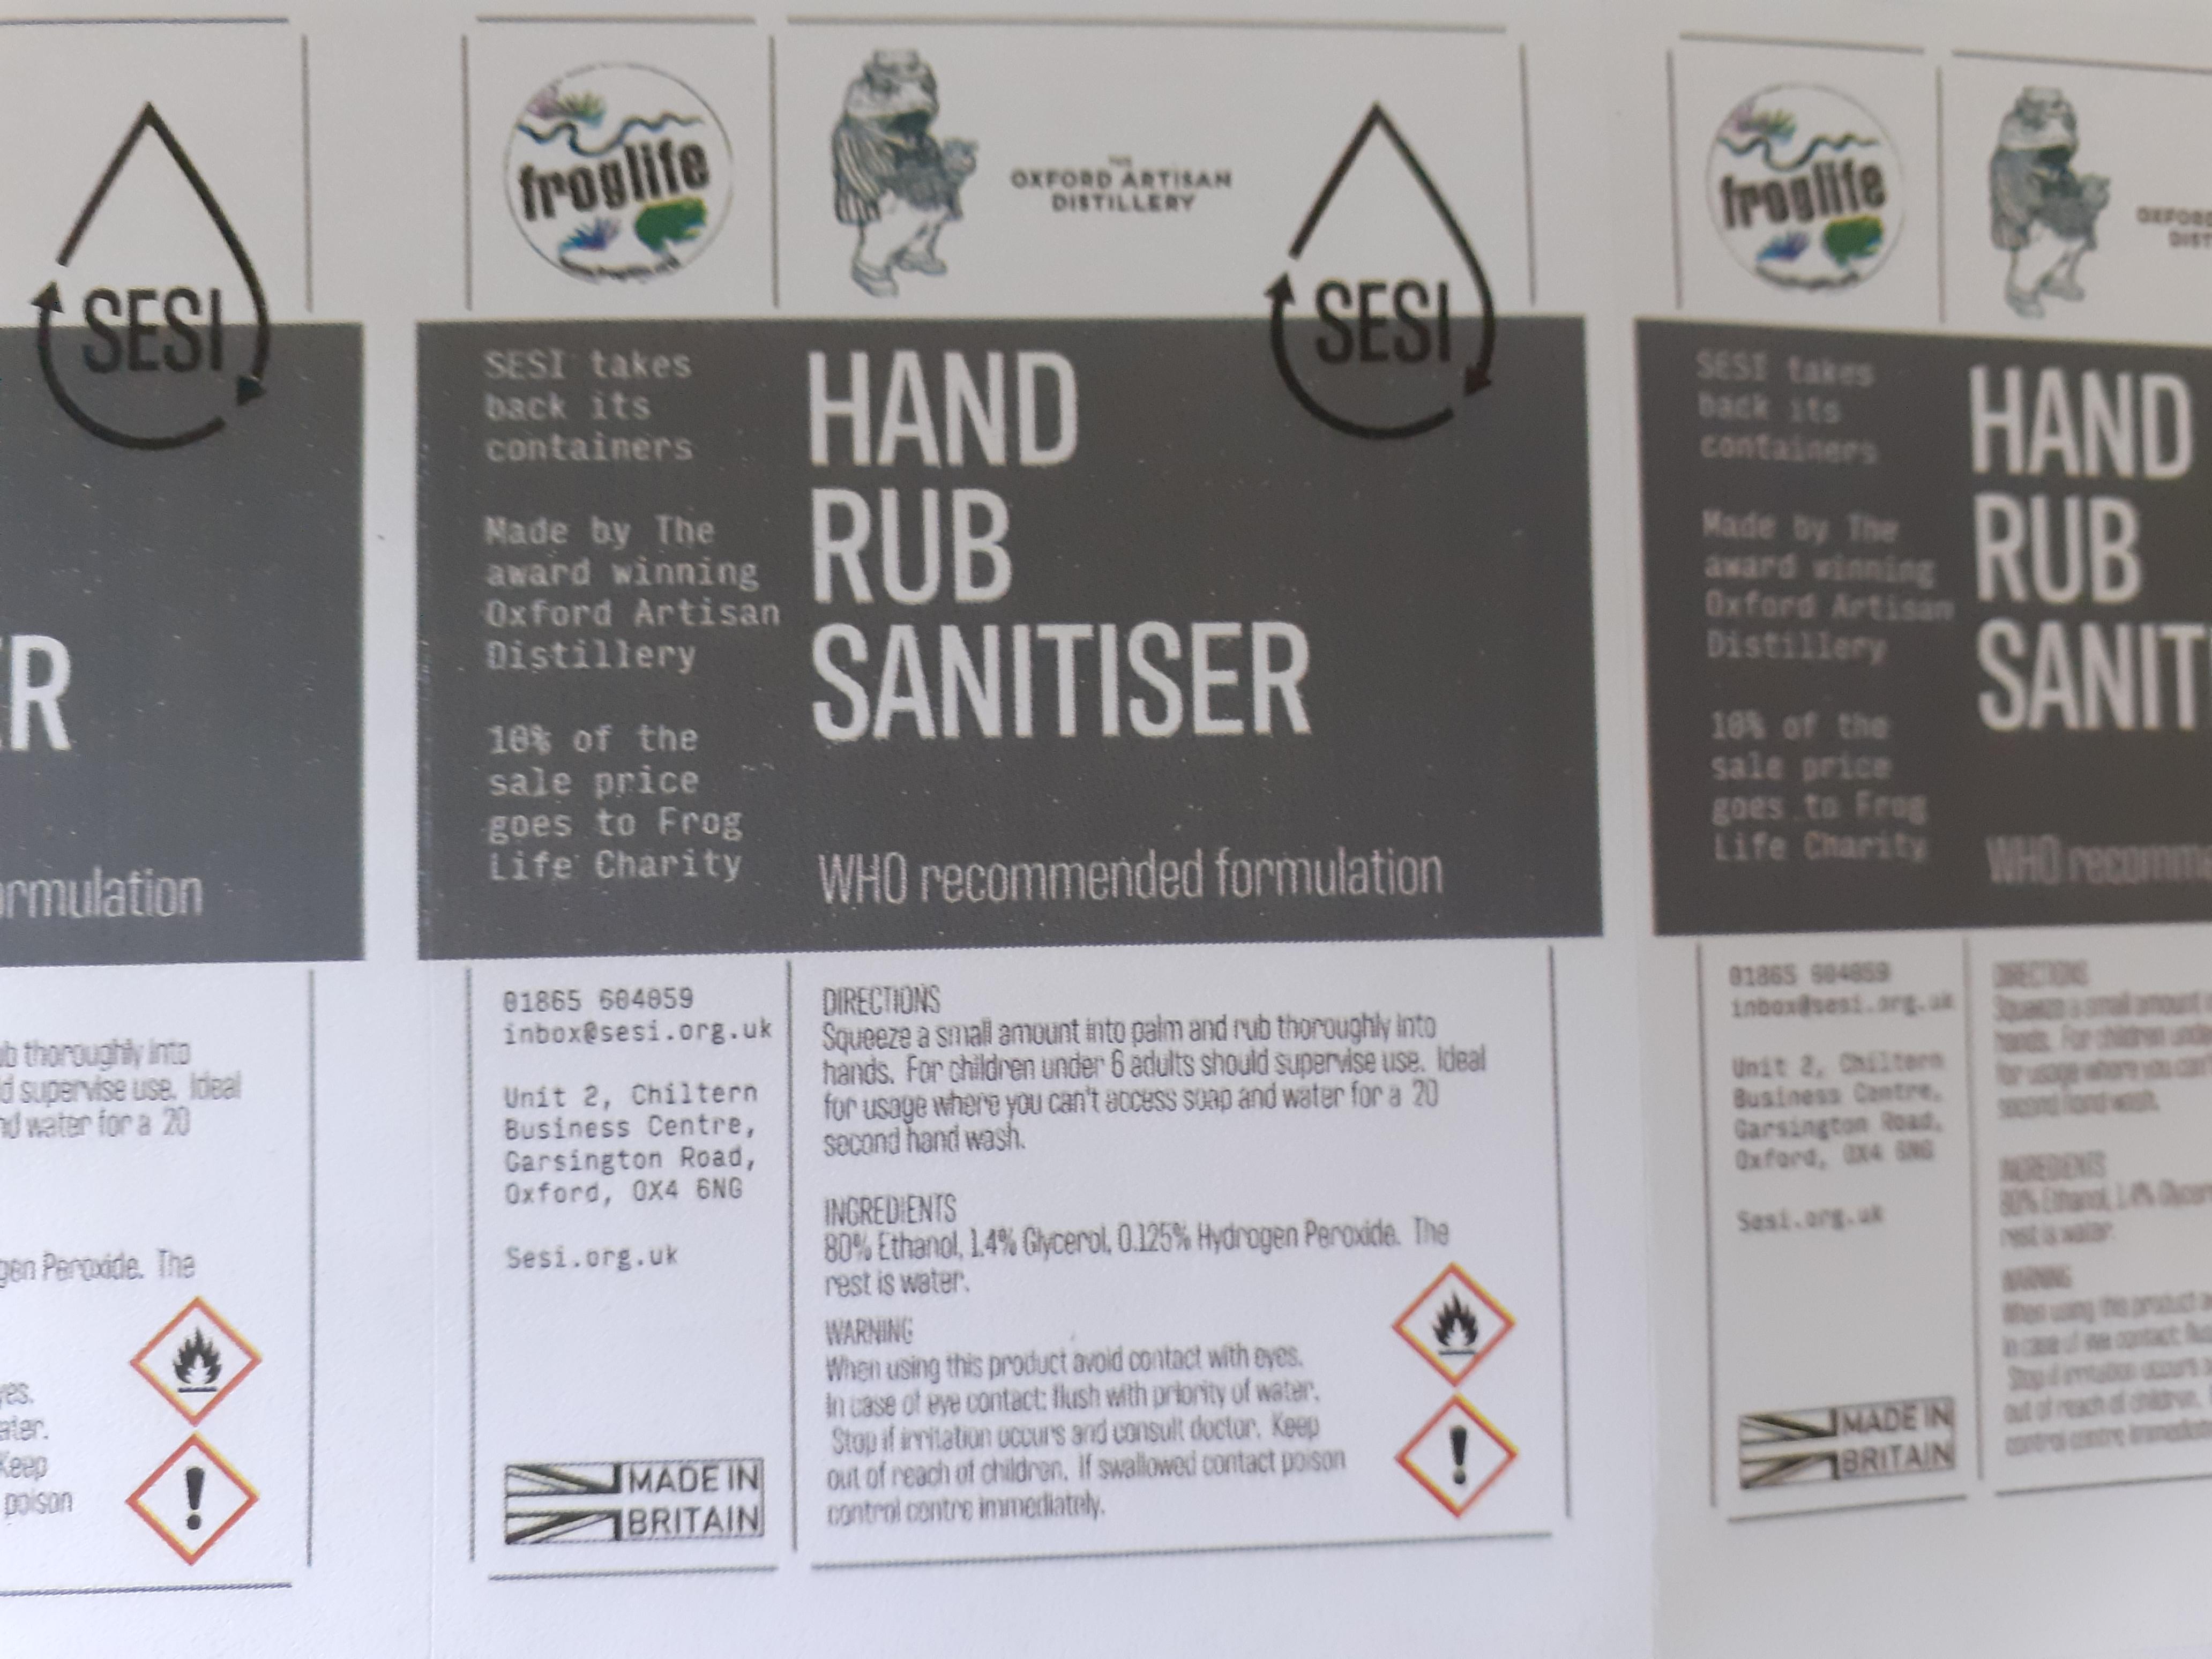 Hand Rub Sanitiser - per 100g /ml